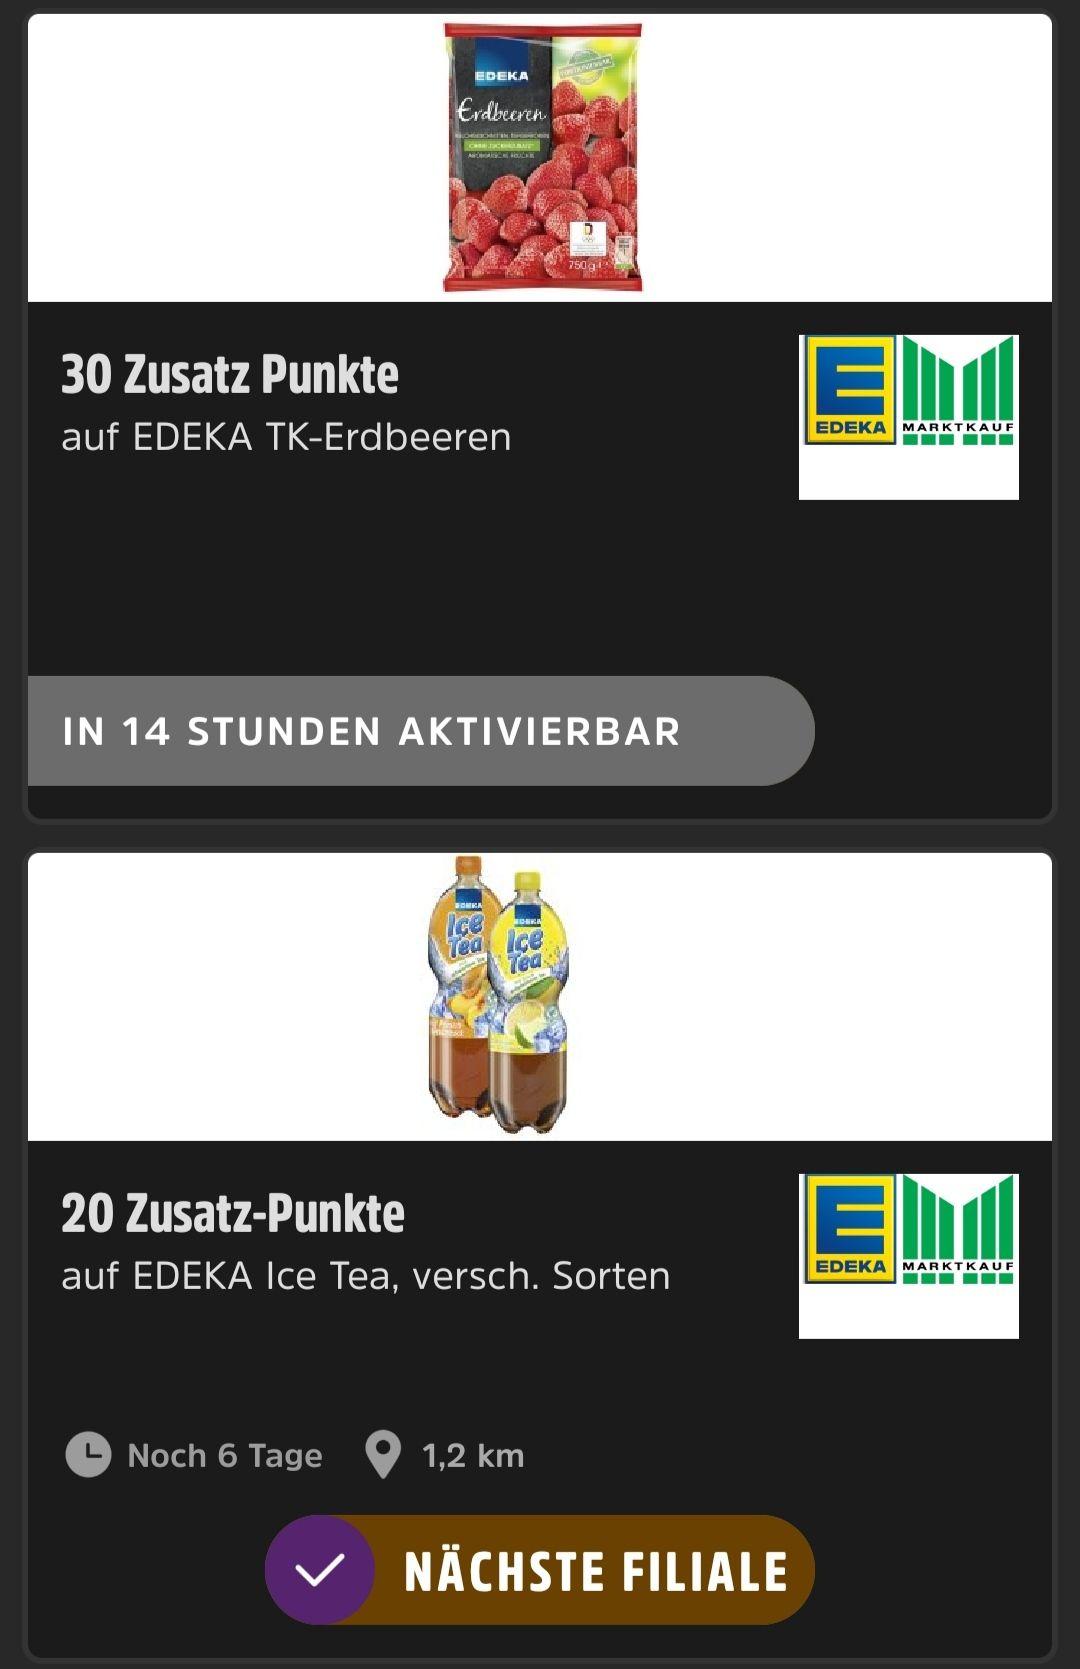 [Deutschland Card App] 20 extra Punkte pro Edeka ICE TEA Flasche oder 30 extra Punkte pro gekaufter TK Erdbeeren (Beschreibung lesen!)